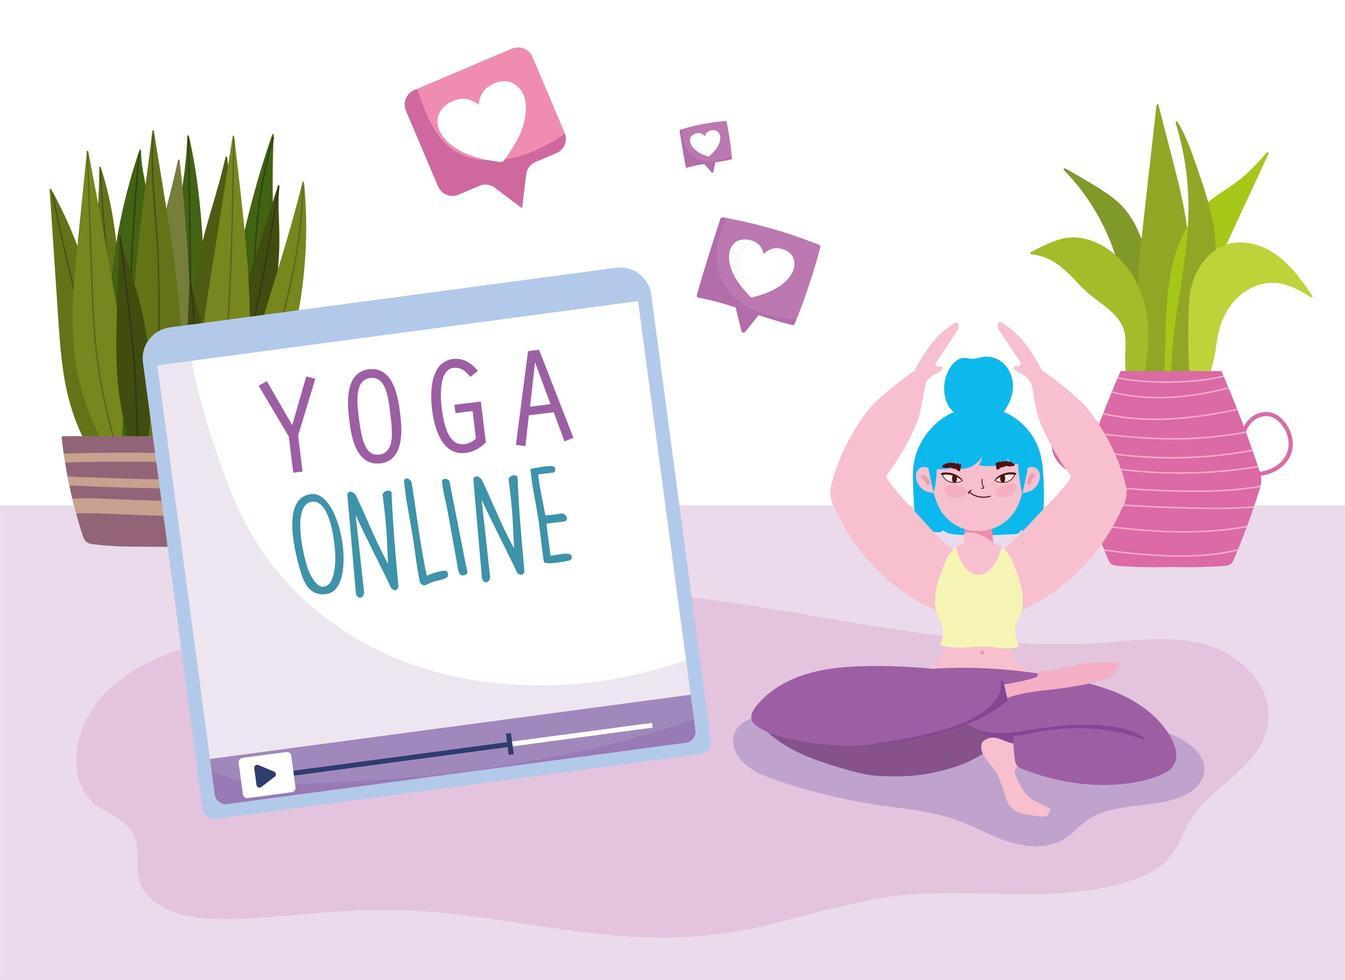 jovem praticando ioga on-line em pose de lótus vetor